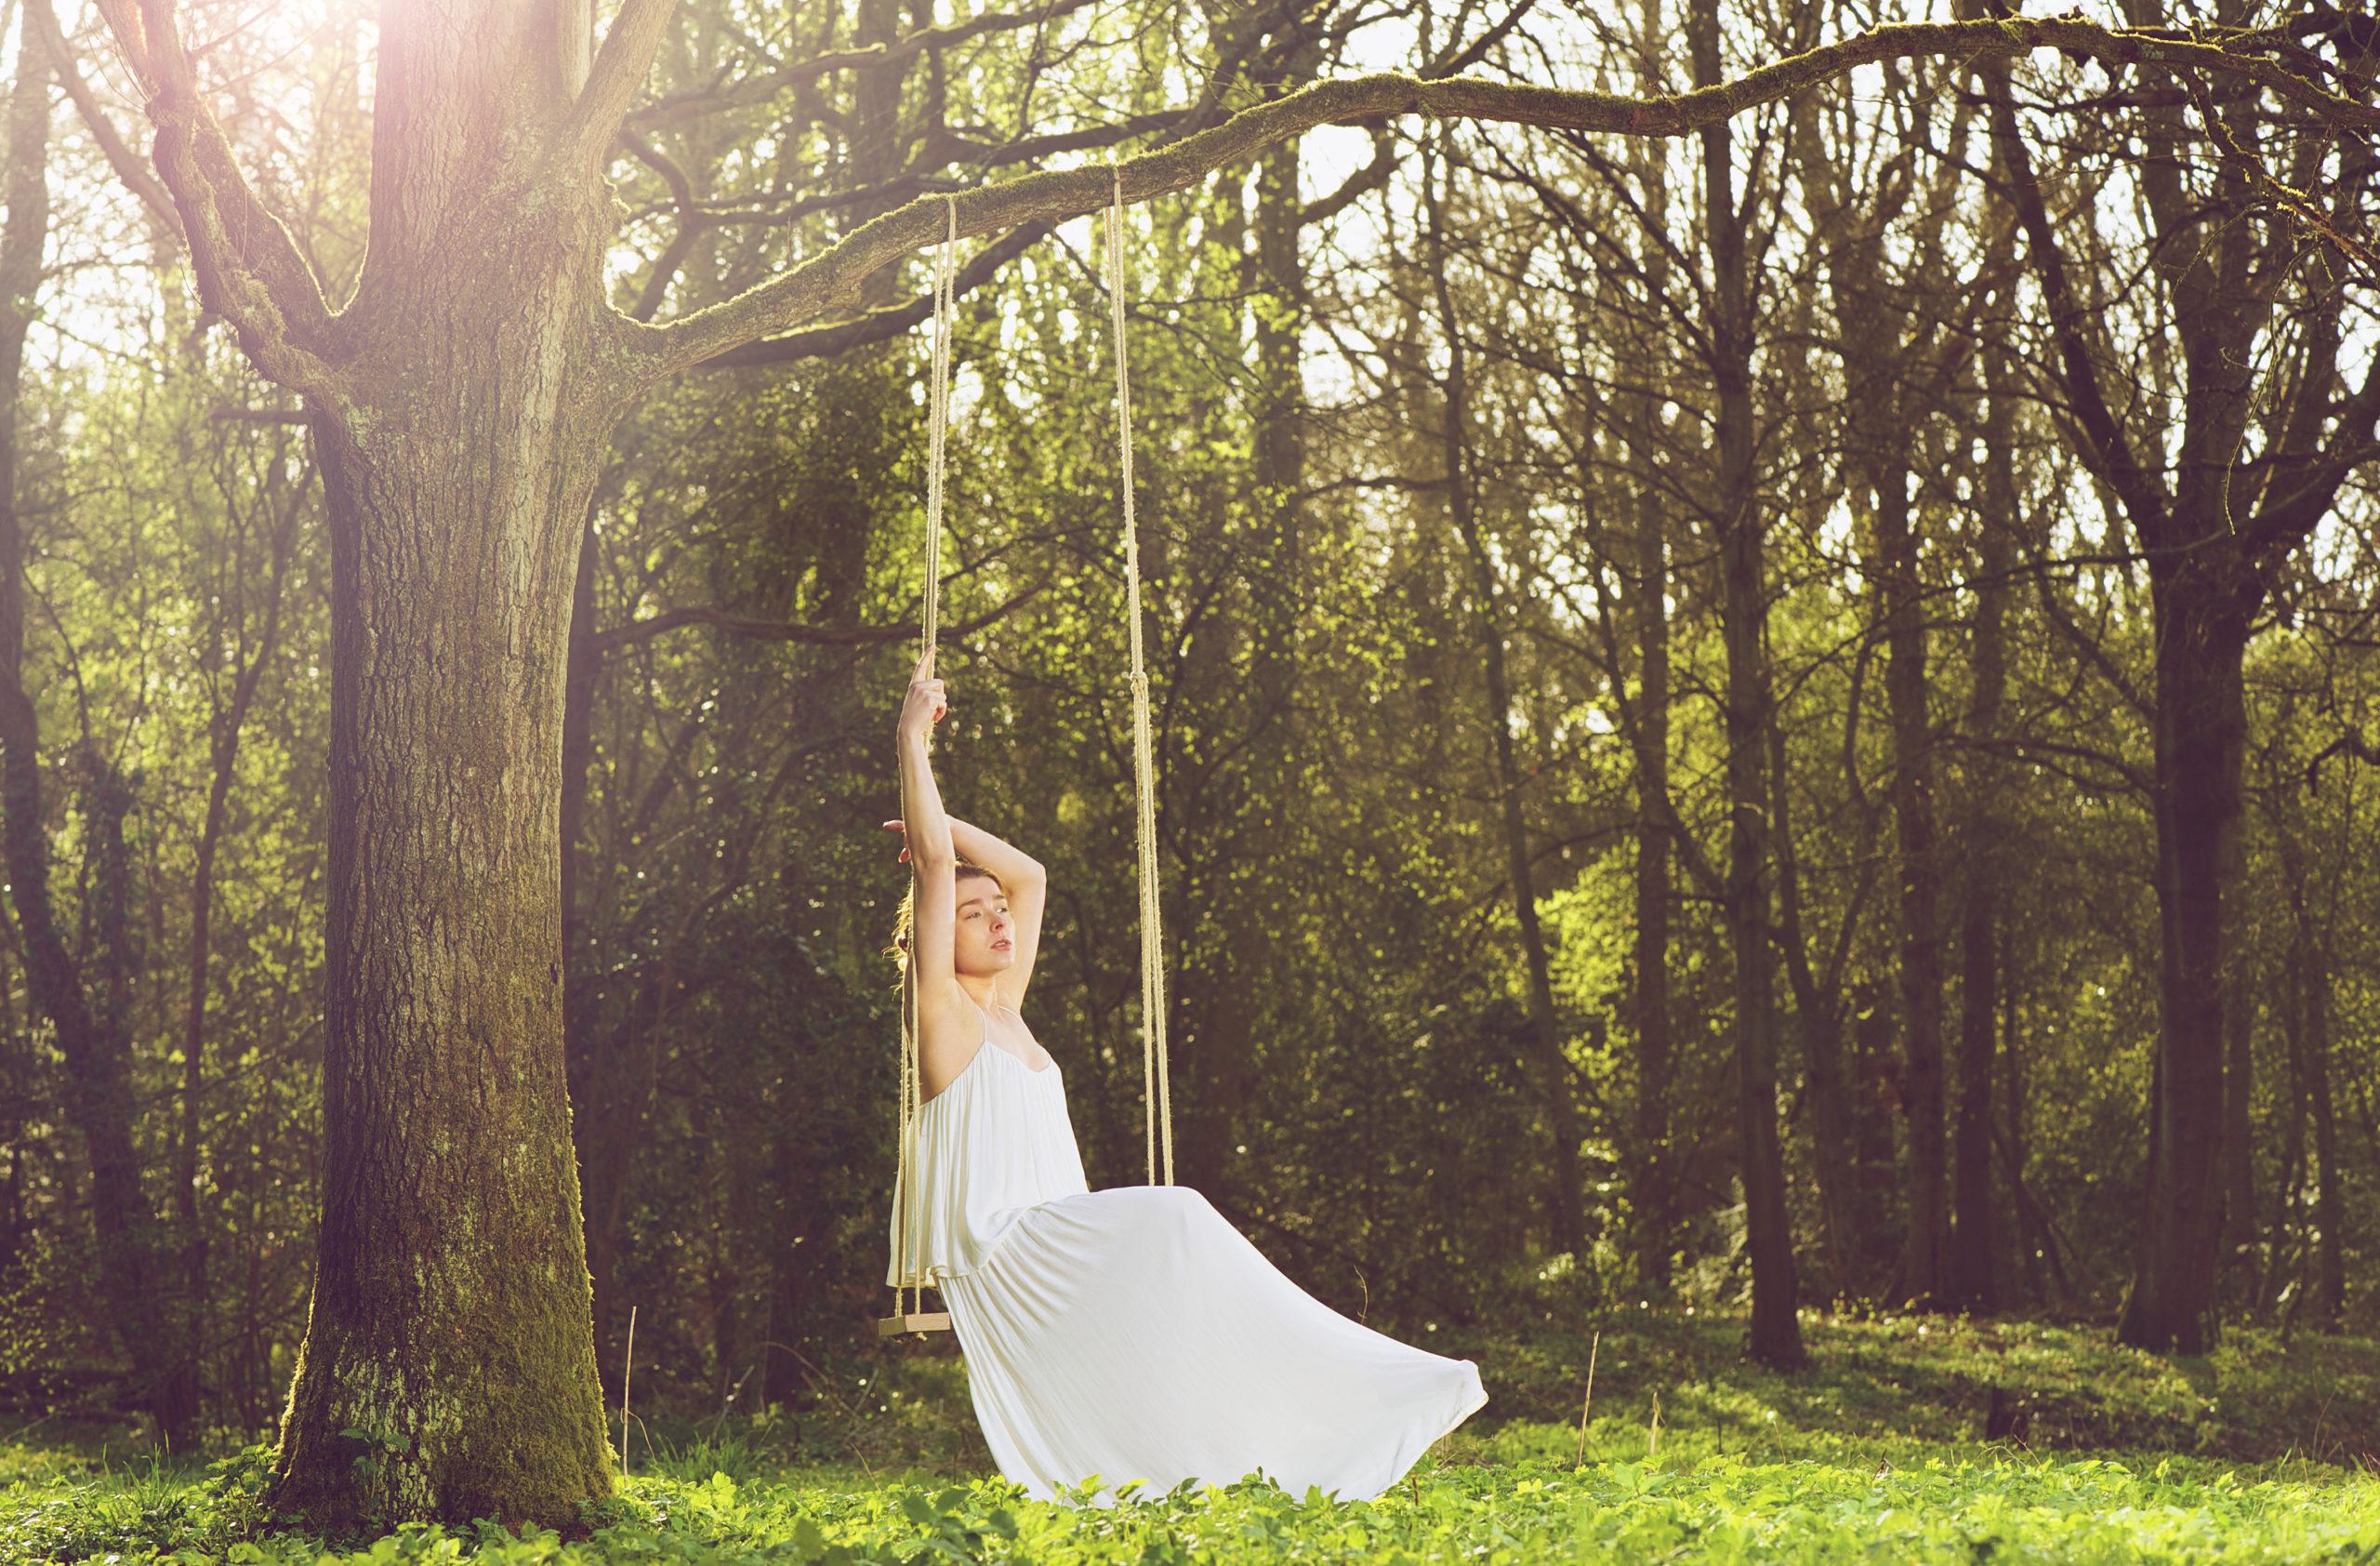 Braut im Wald, allein, wartend